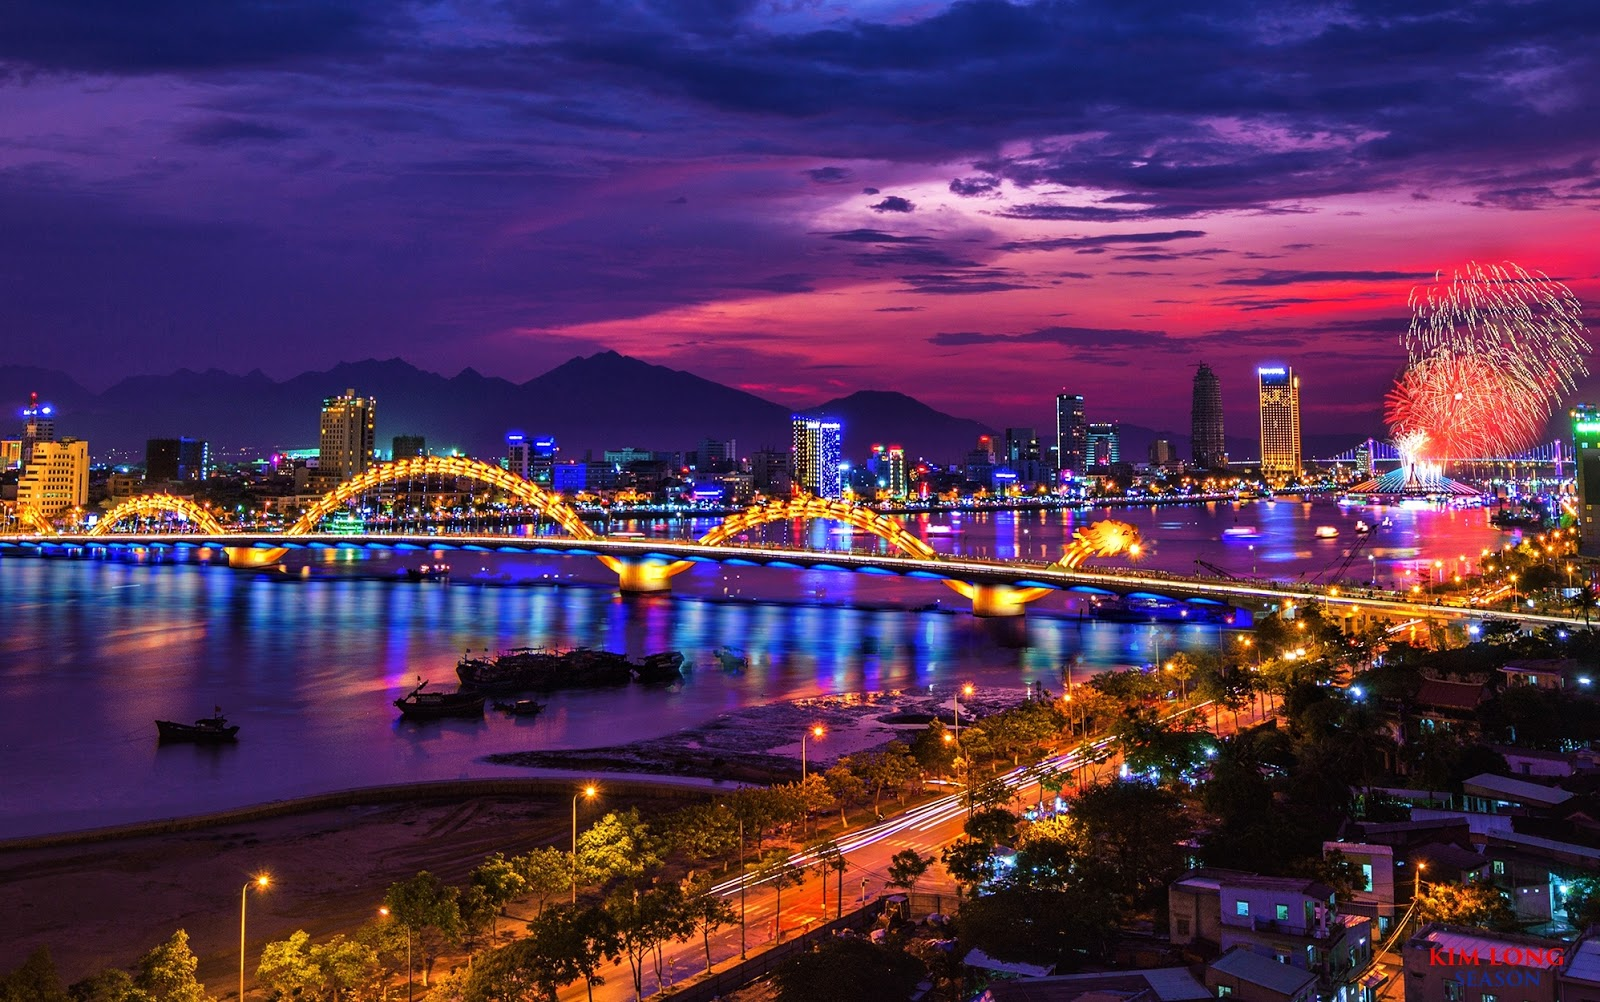 Vẻ đẹp của thành phố biển Đà Nẵng